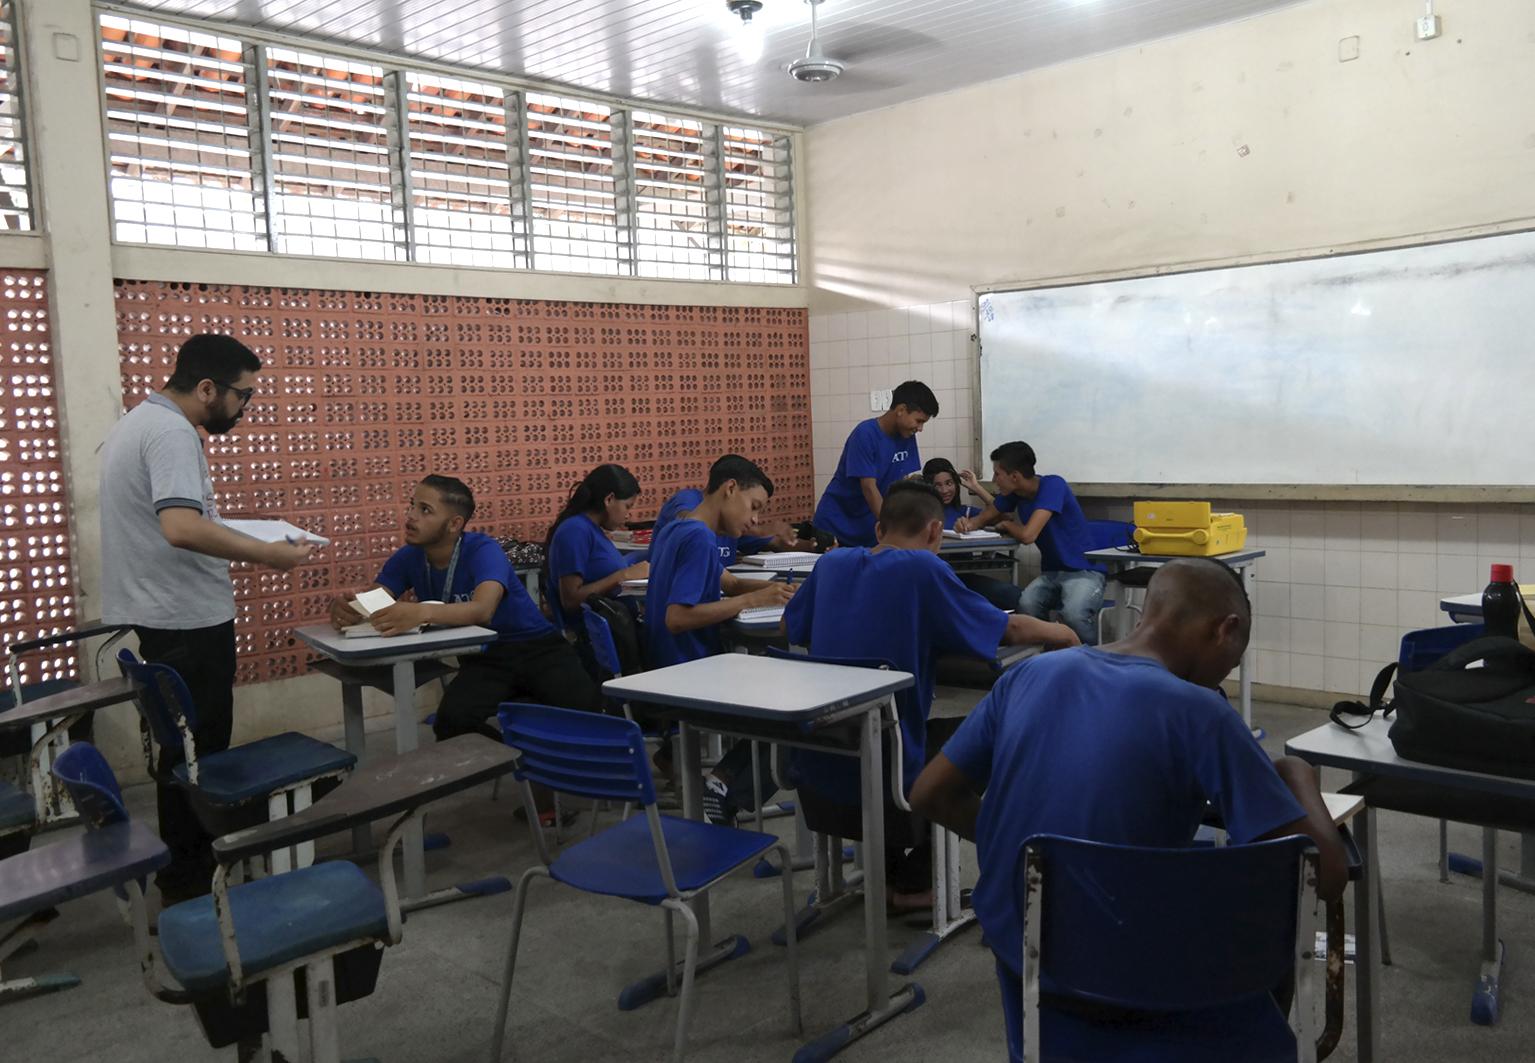 """""""Remando contra a maré"""": Pará tenta reduzir distorção idade-série nas escolas do ensino médio"""